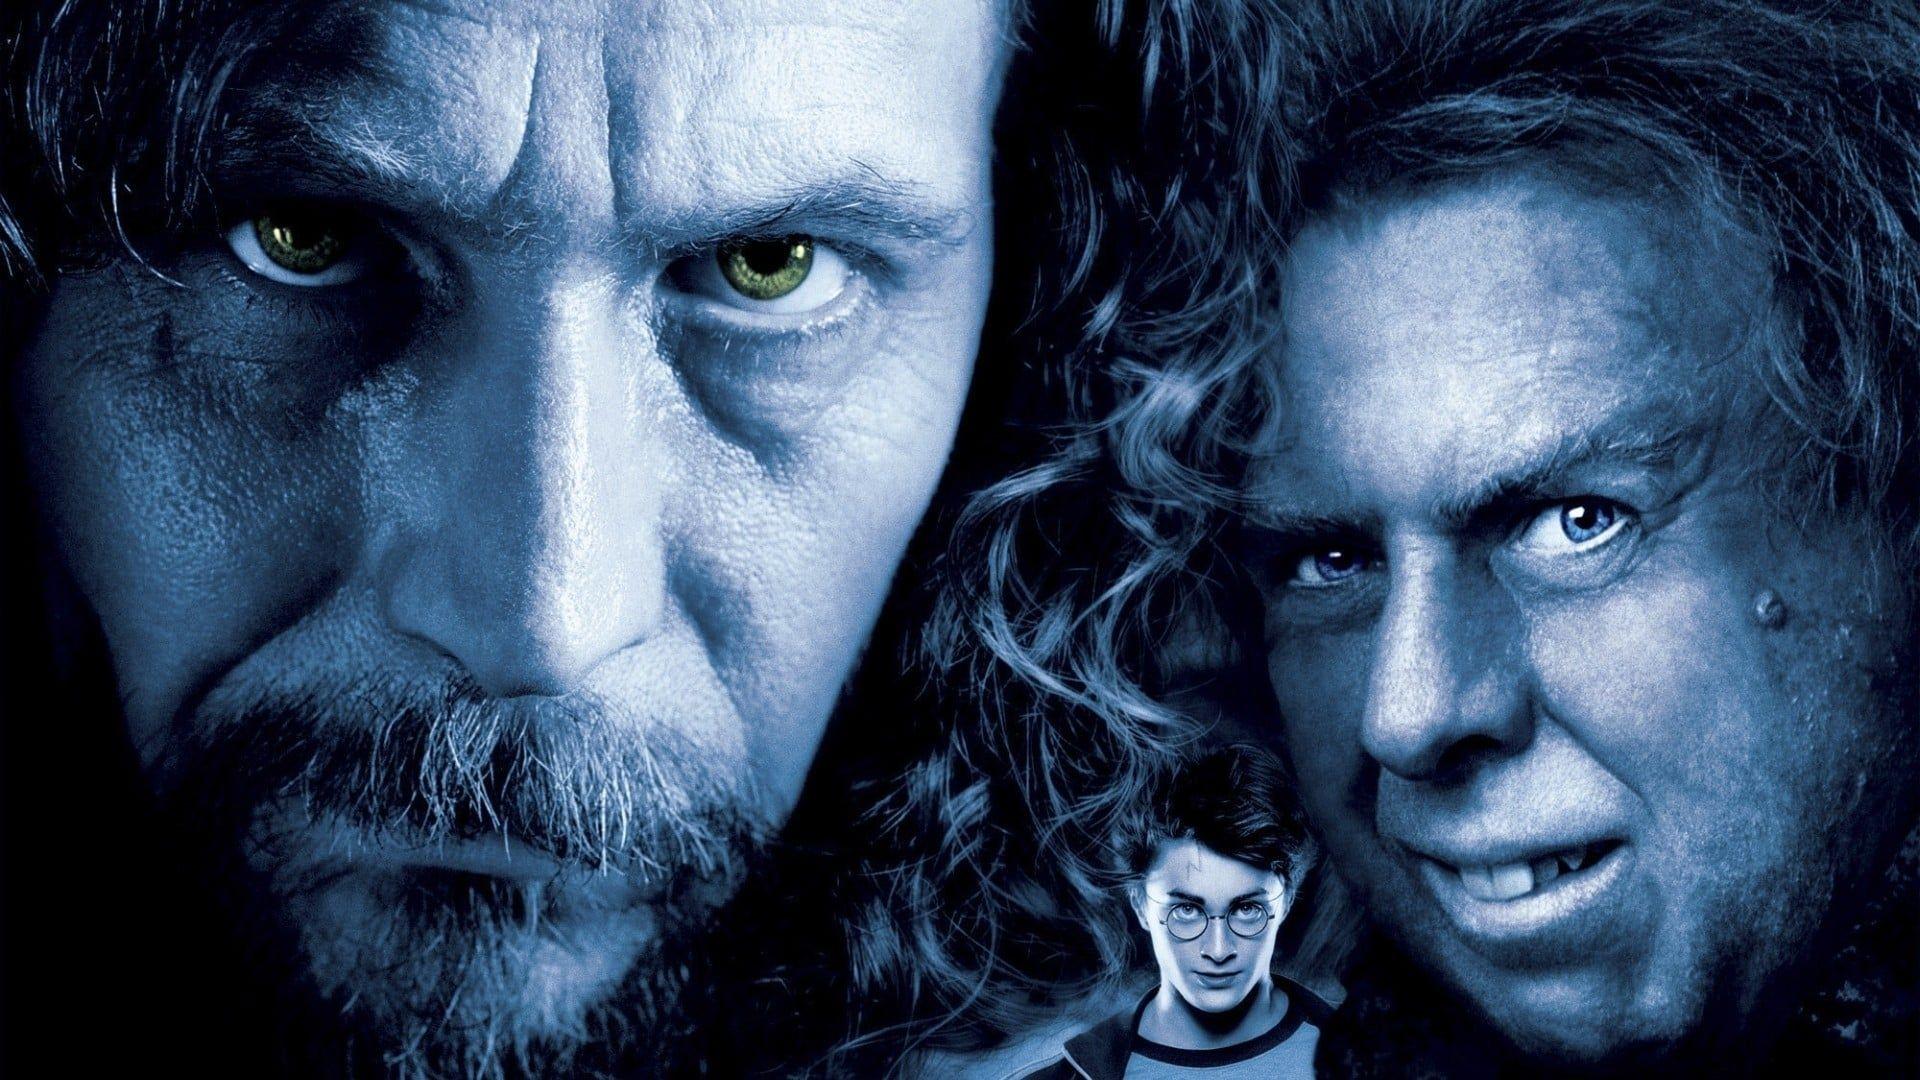 Harry Potter 3 Harry Potter Ve Azkaban Tutsagi The Prisoner Of Azkaban Fantastik Aile Filmleri Sirius Black Prisoner Of Azkaban Harry Potter